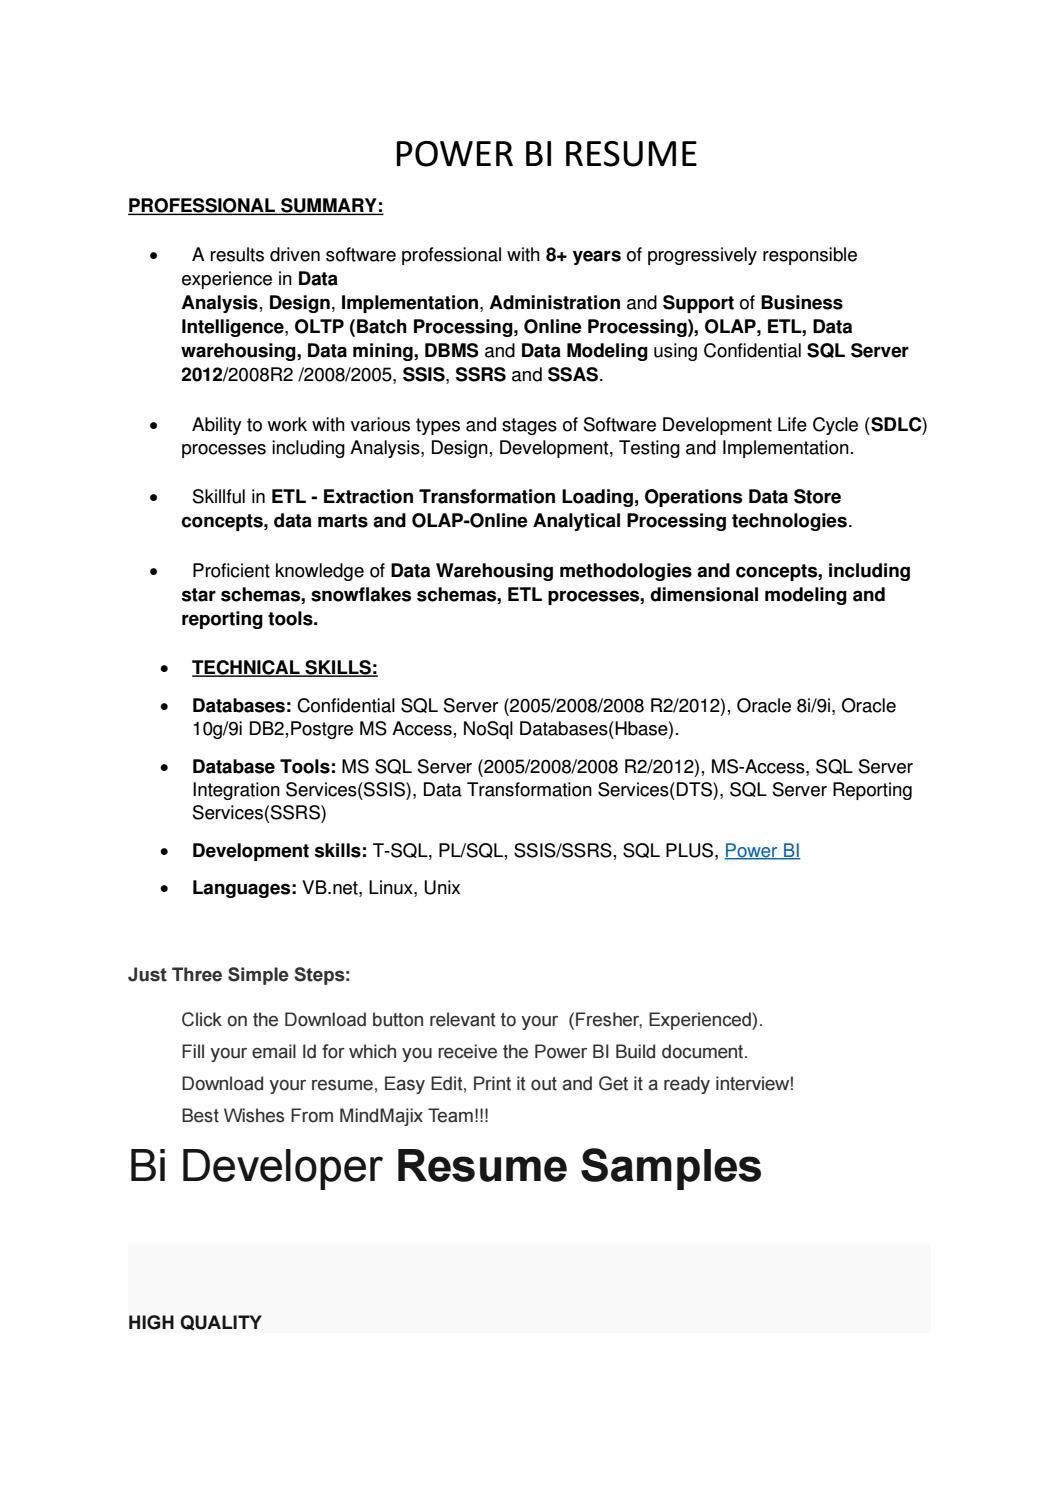 Sample Resume for Power Bi Developer Power Bi Resume by Lillydass12 - issuu